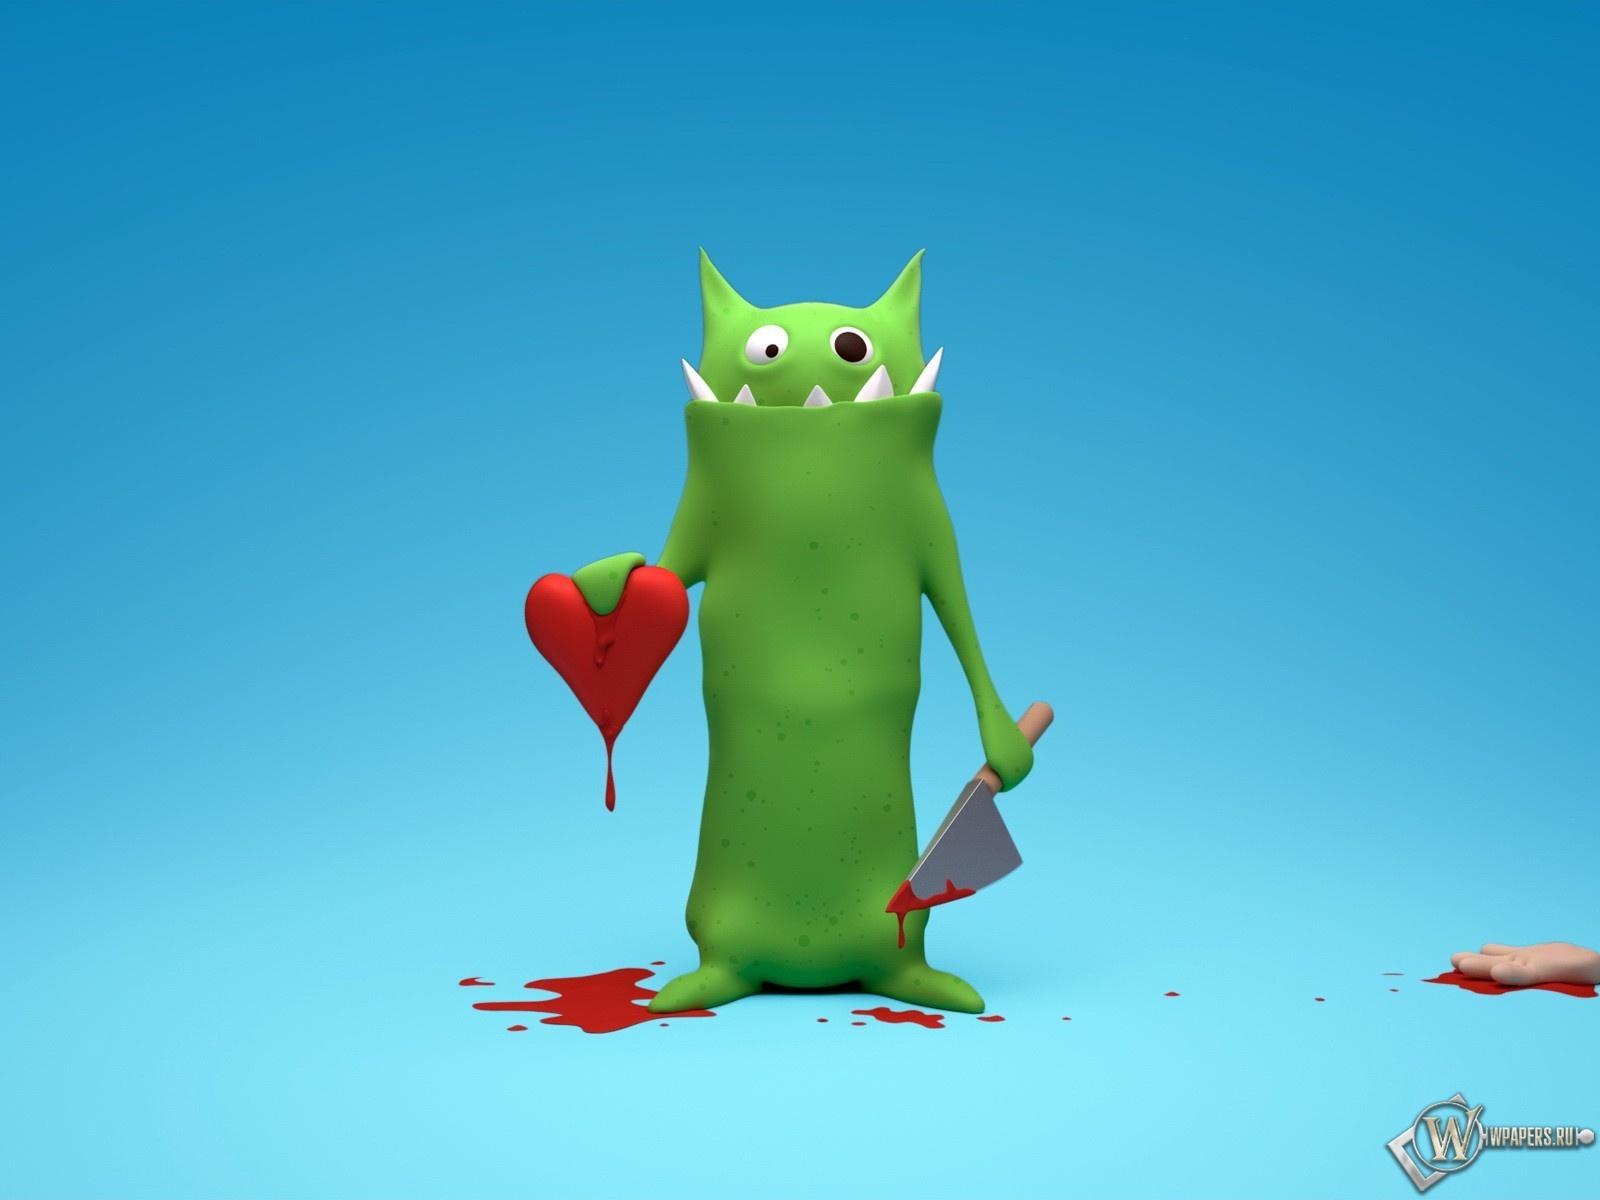 чудовище зеленое, инопланетянин с сердцем и ножом, рисунок, обои для рабочего стола